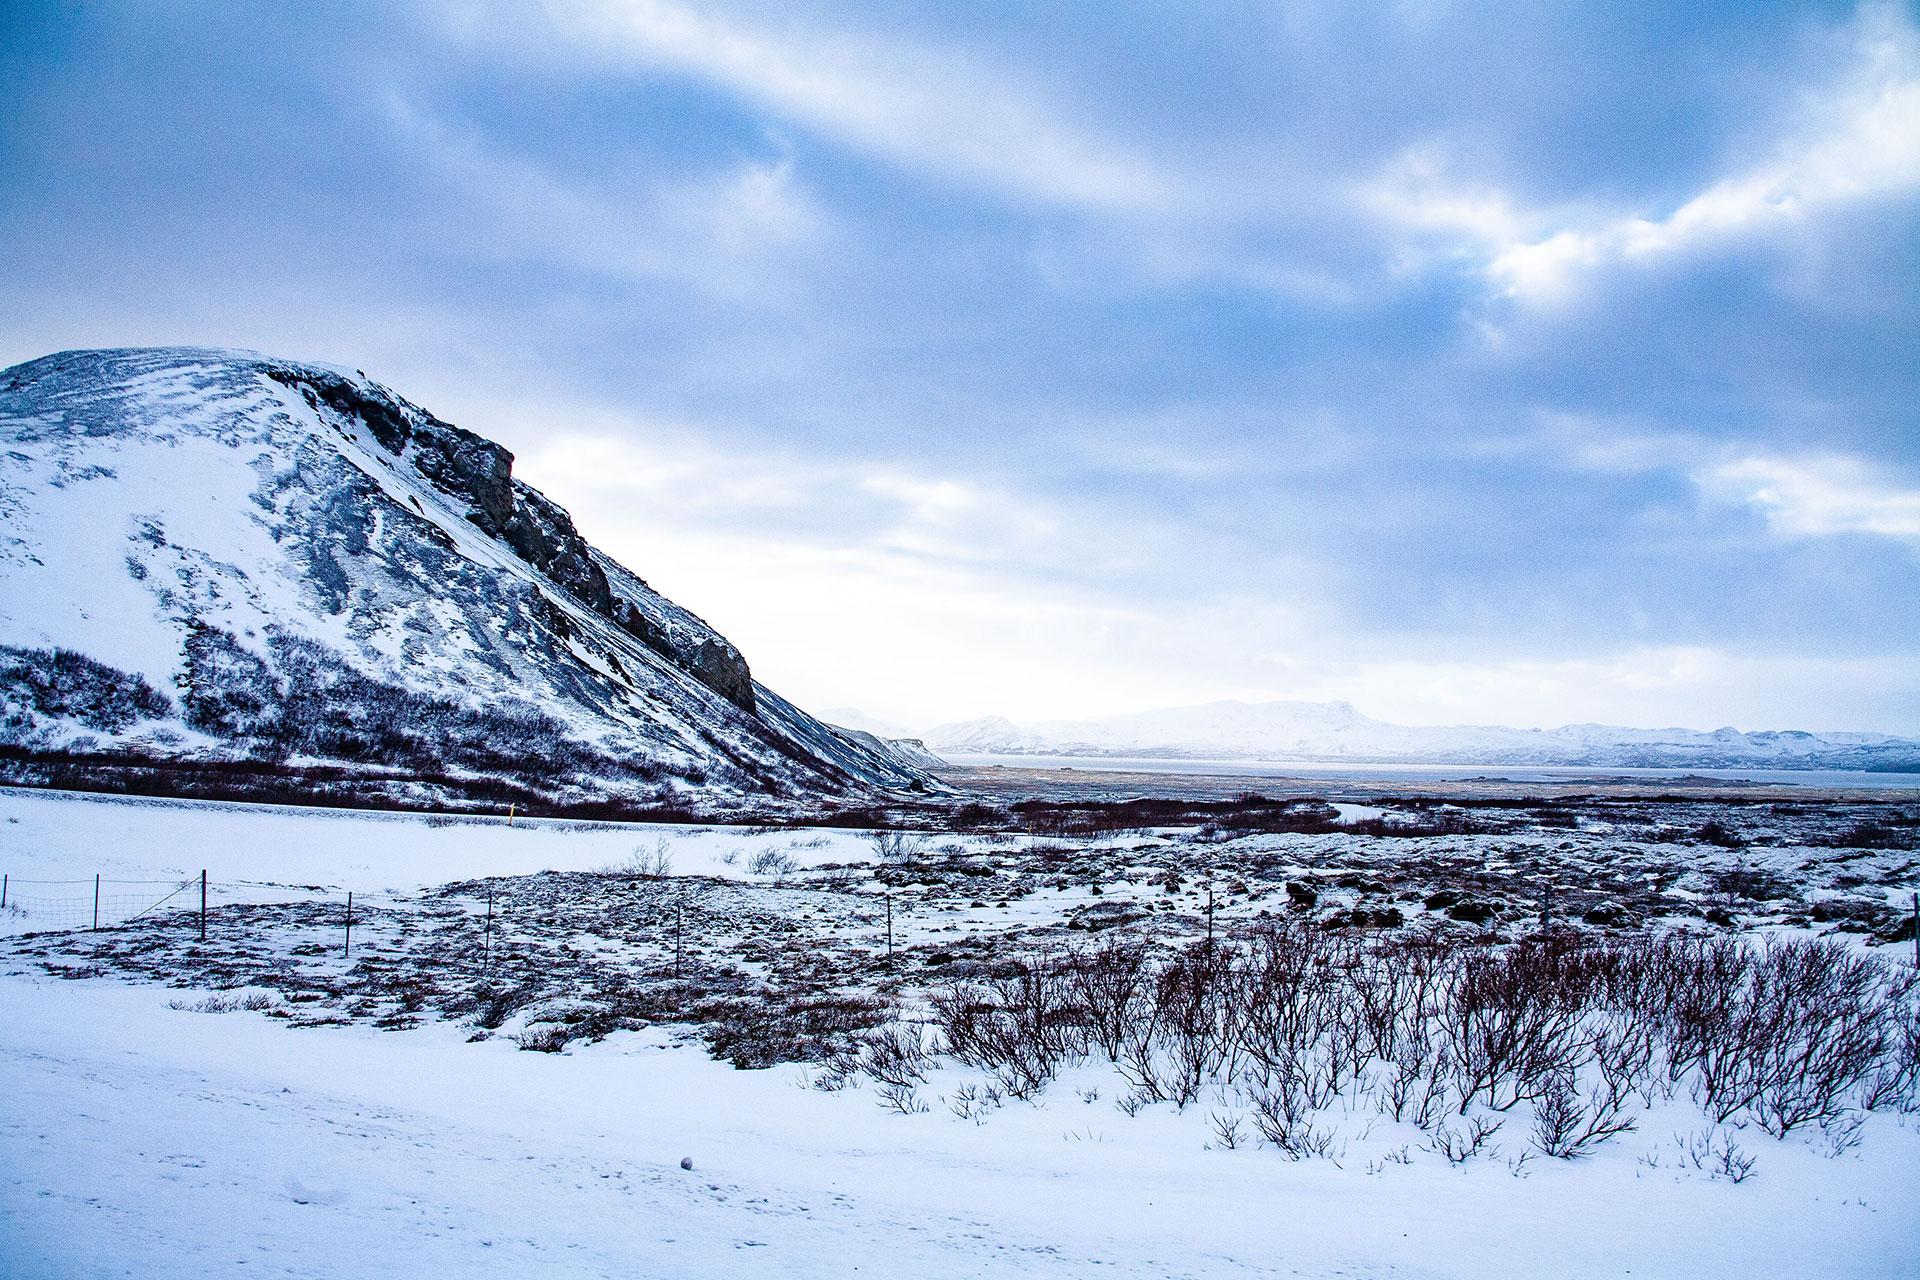 Zima w Islandii - fot. Kopaniszyn Piotr